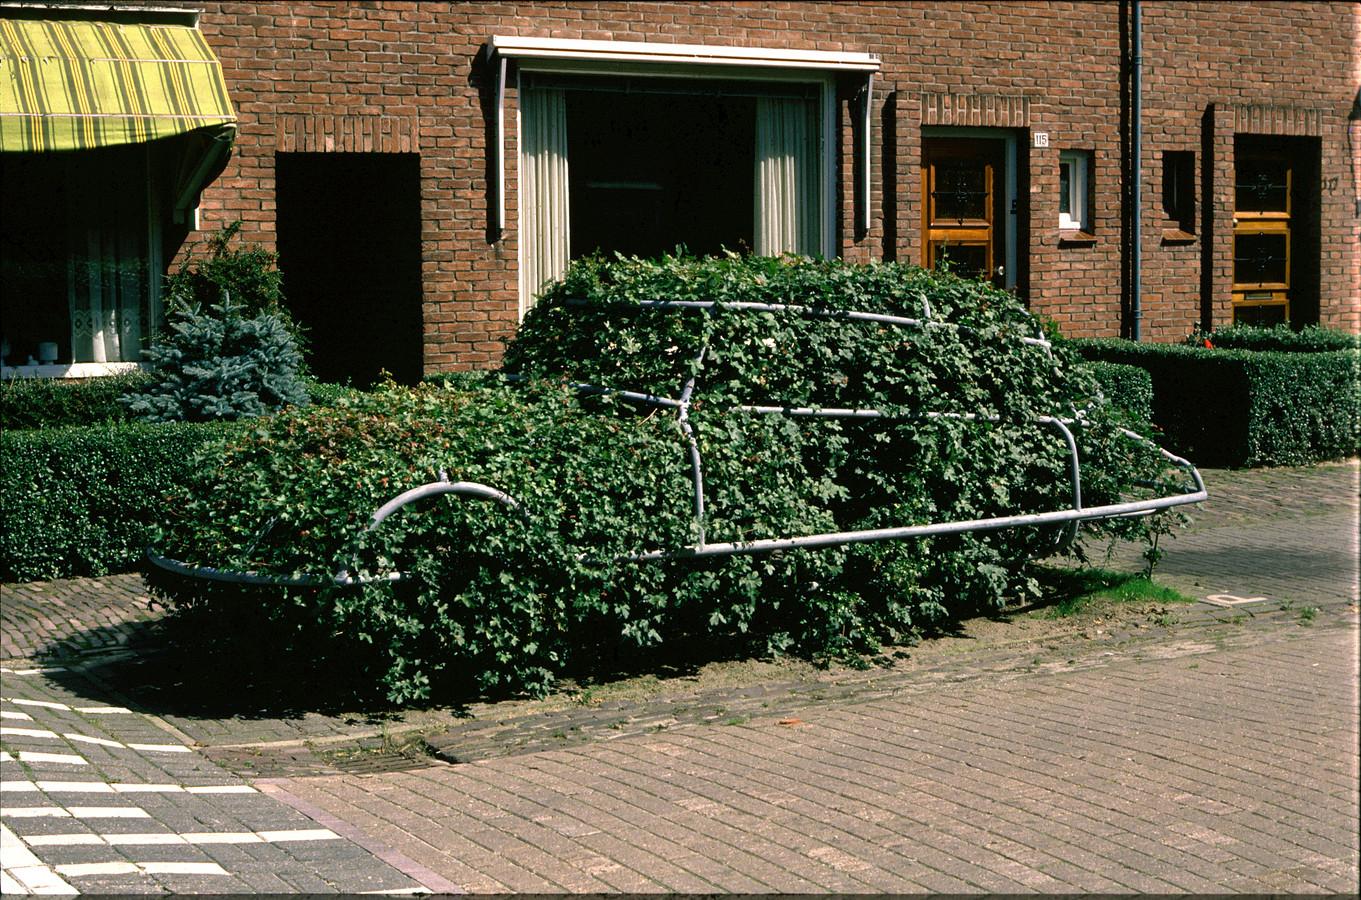 De hegge-auto van Ton Harmsen zoals hij in de jaren tachtig in de Esstraat stond. De Citroën is gemeentelijk kunstbezit en deel van een drieluik, dat verder bestaat uit een Renault 4 en een Kever.